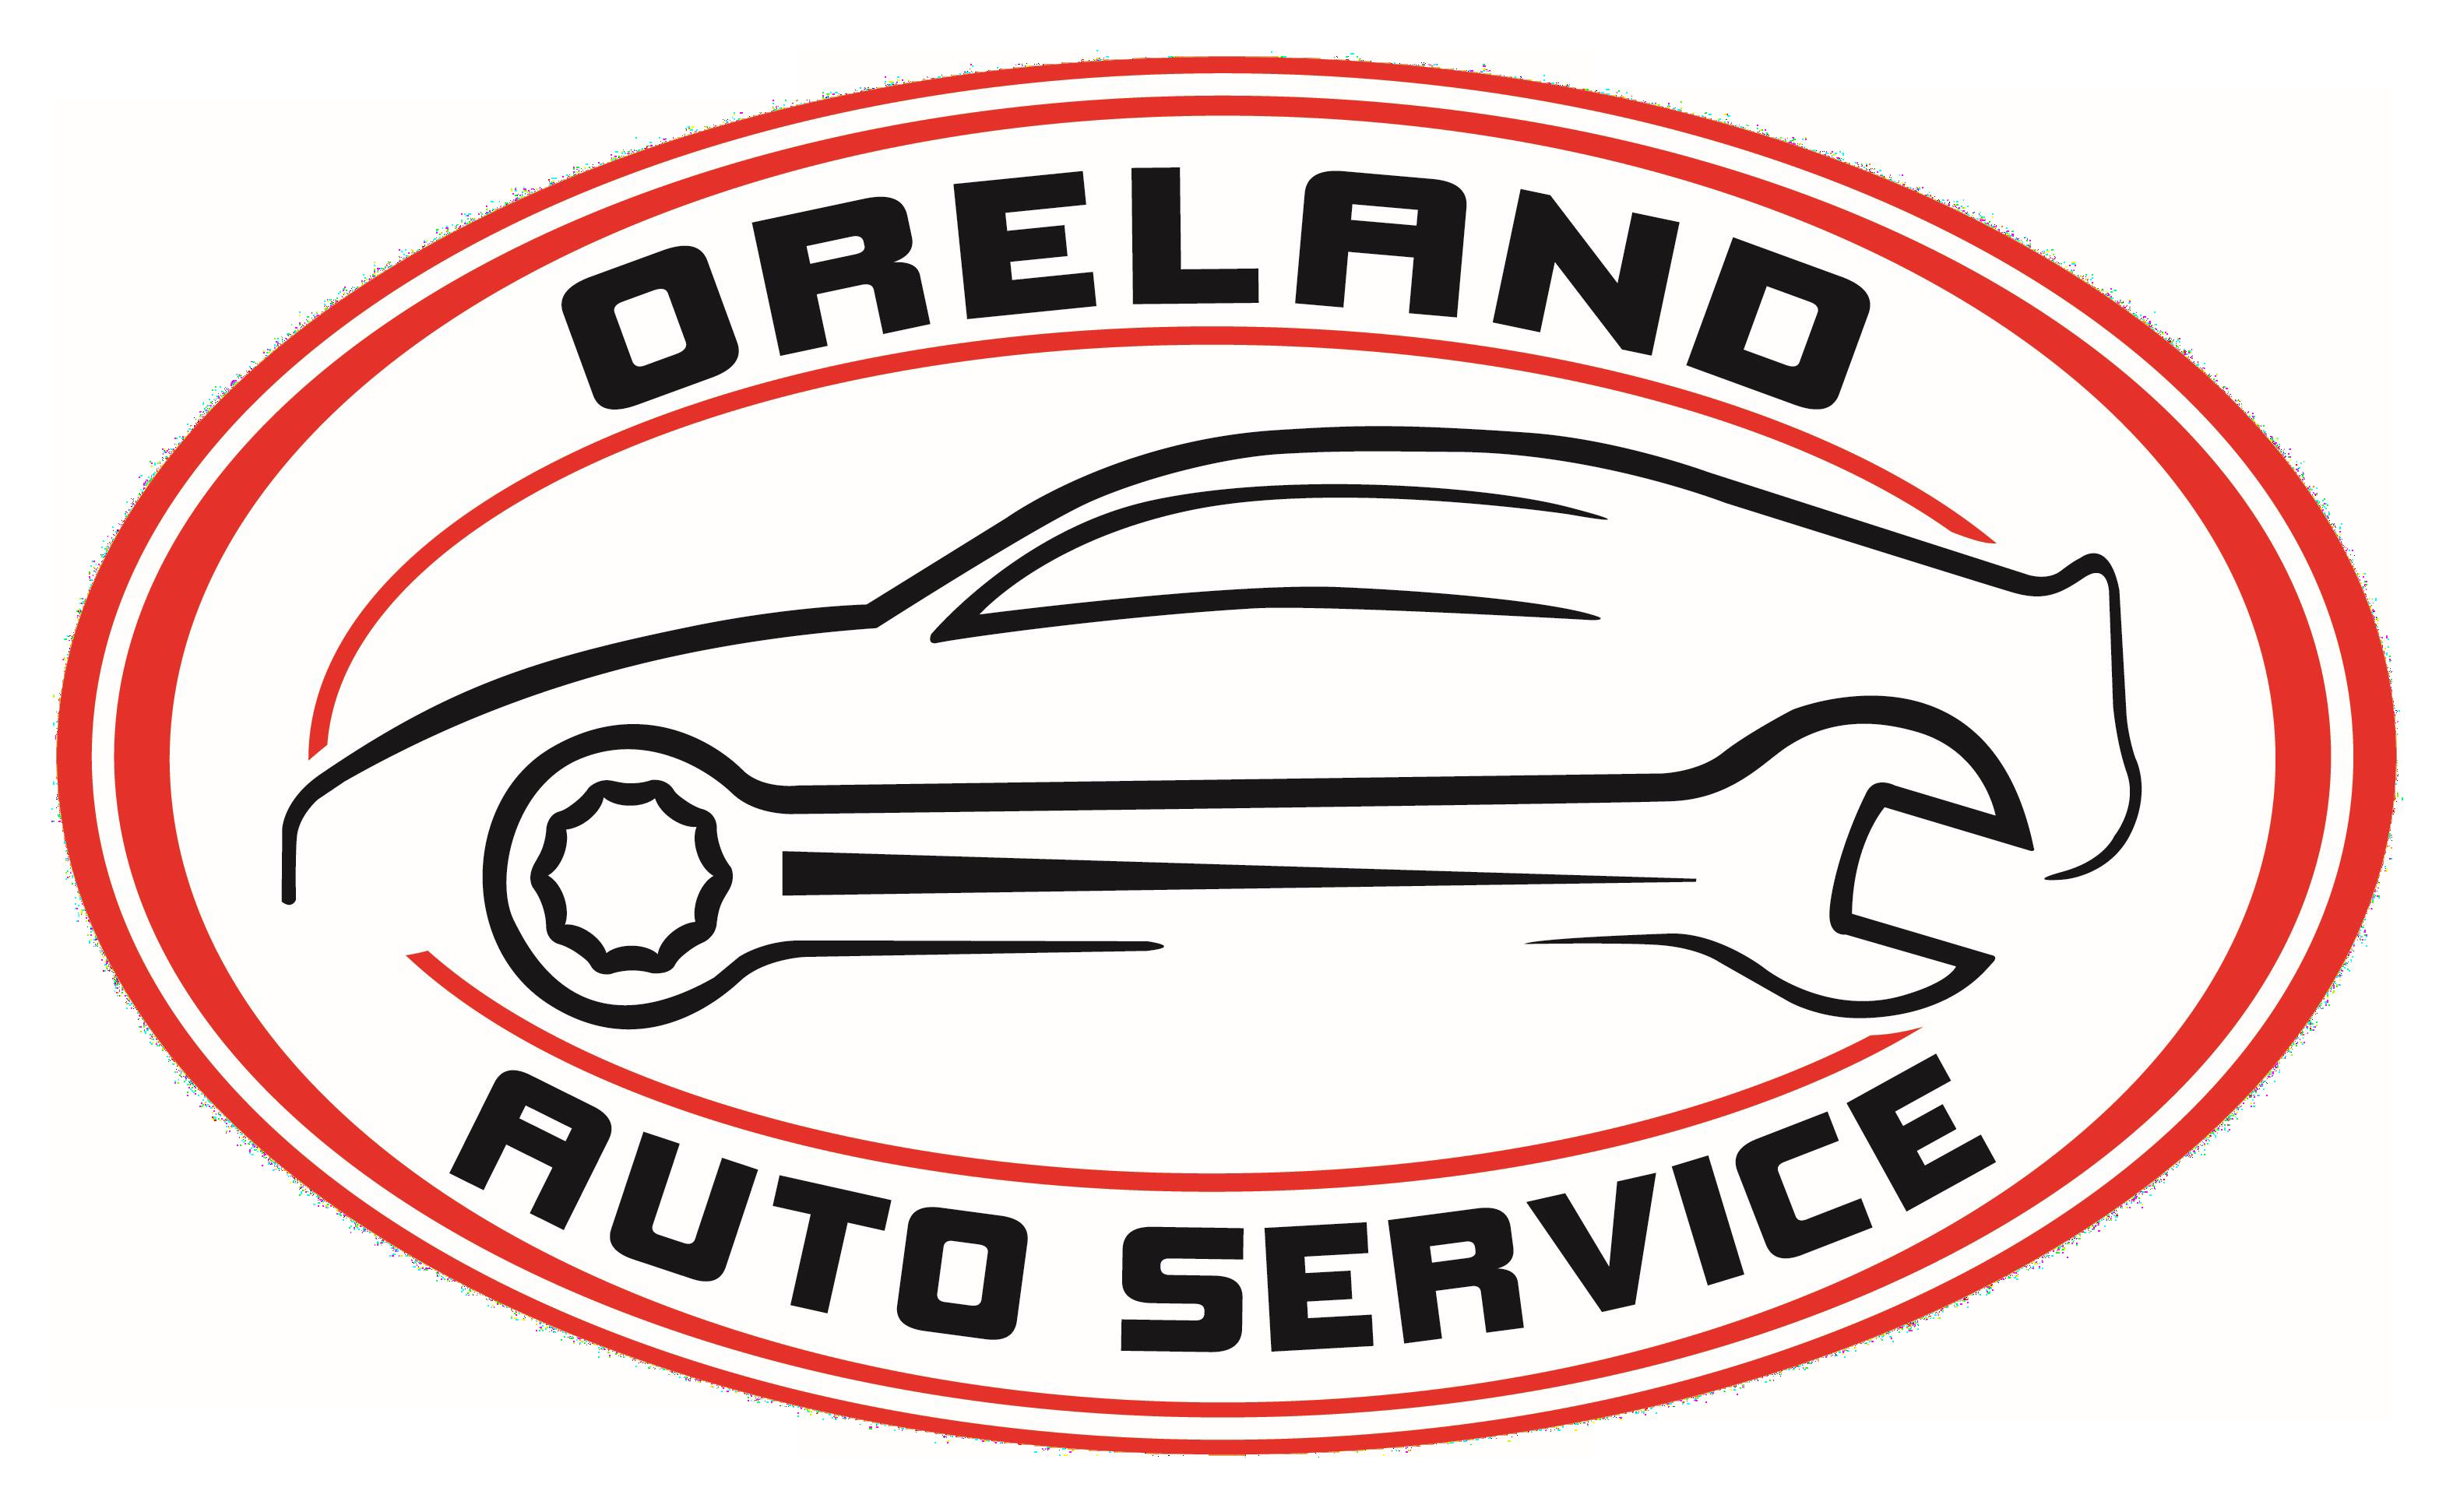 home oreland auto service rh orelandautoservice com auto service log software auto service log example